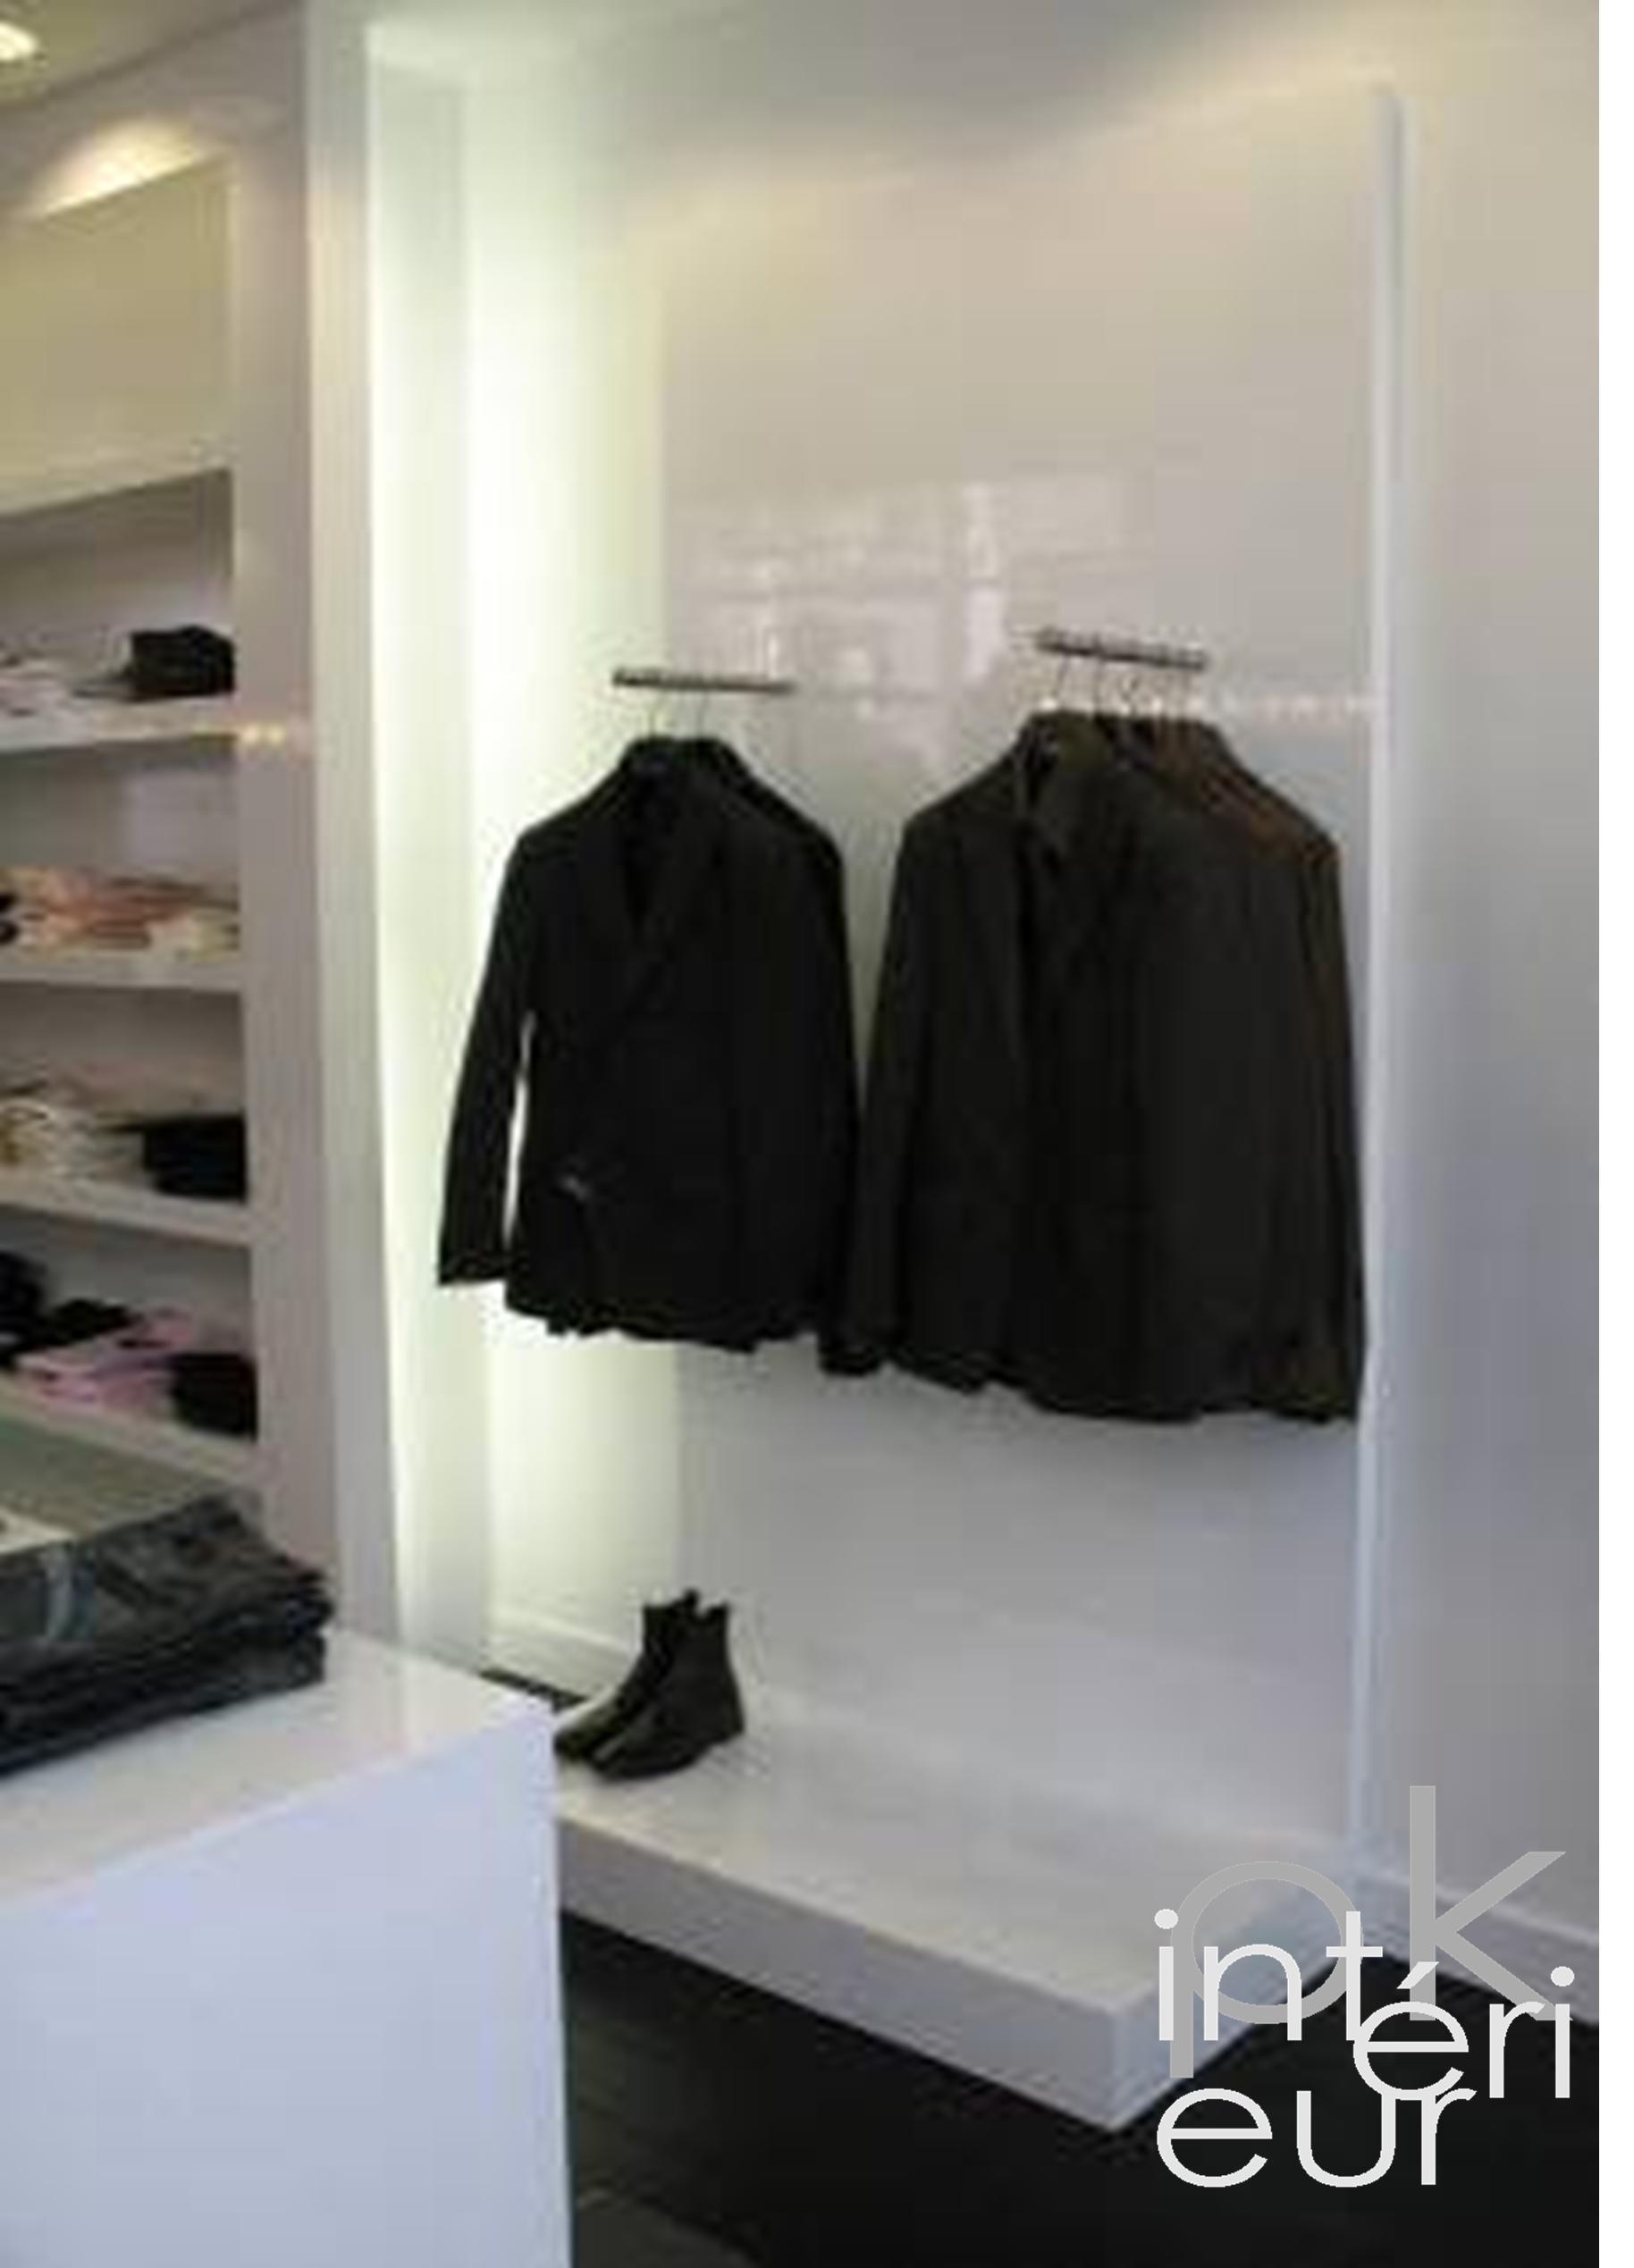 conception d int rieur et design de mobilier pour boutique pk interieur lyon. Black Bedroom Furniture Sets. Home Design Ideas